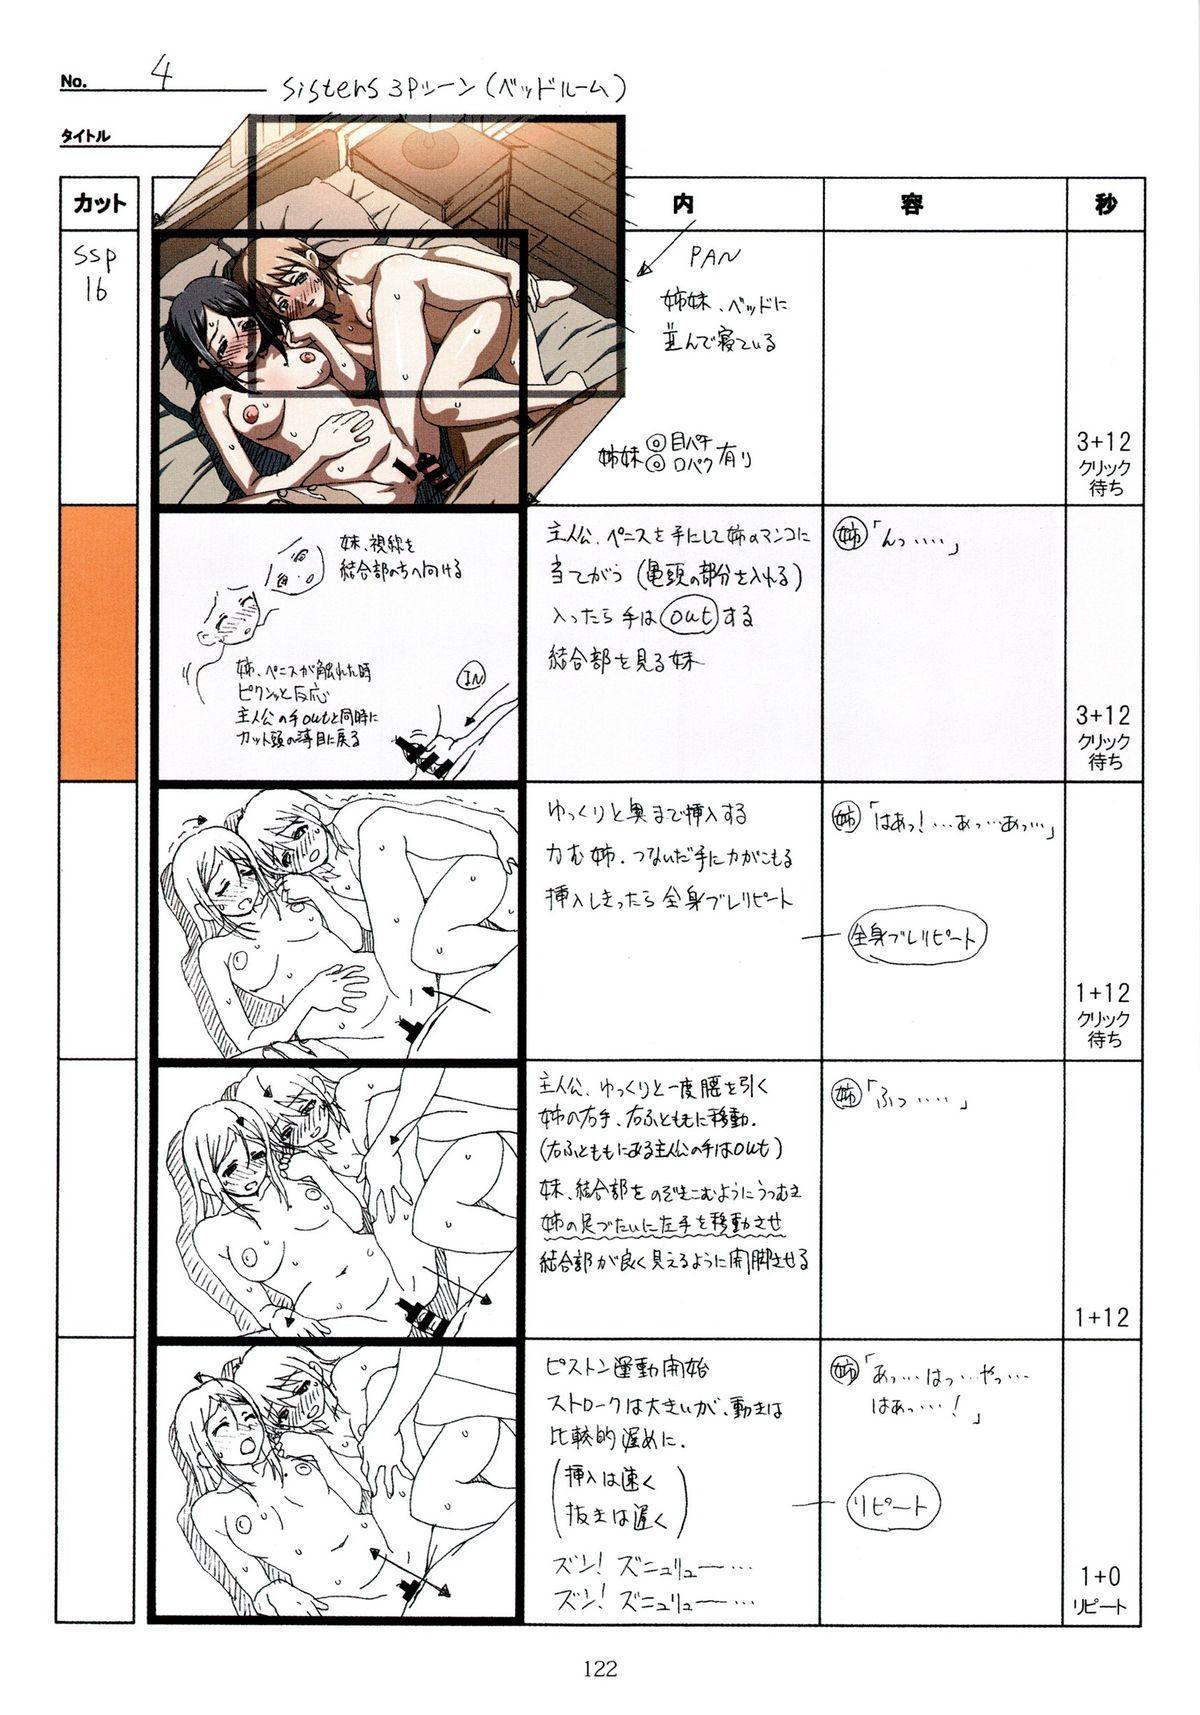 (C89) [Makino Jimusho (Taki Minashika)] SISTERS -Natsu no Saigo no Hi- H Scene All Part Storyboard (SISTERS -Natsu no Saigo no Hi-) 121